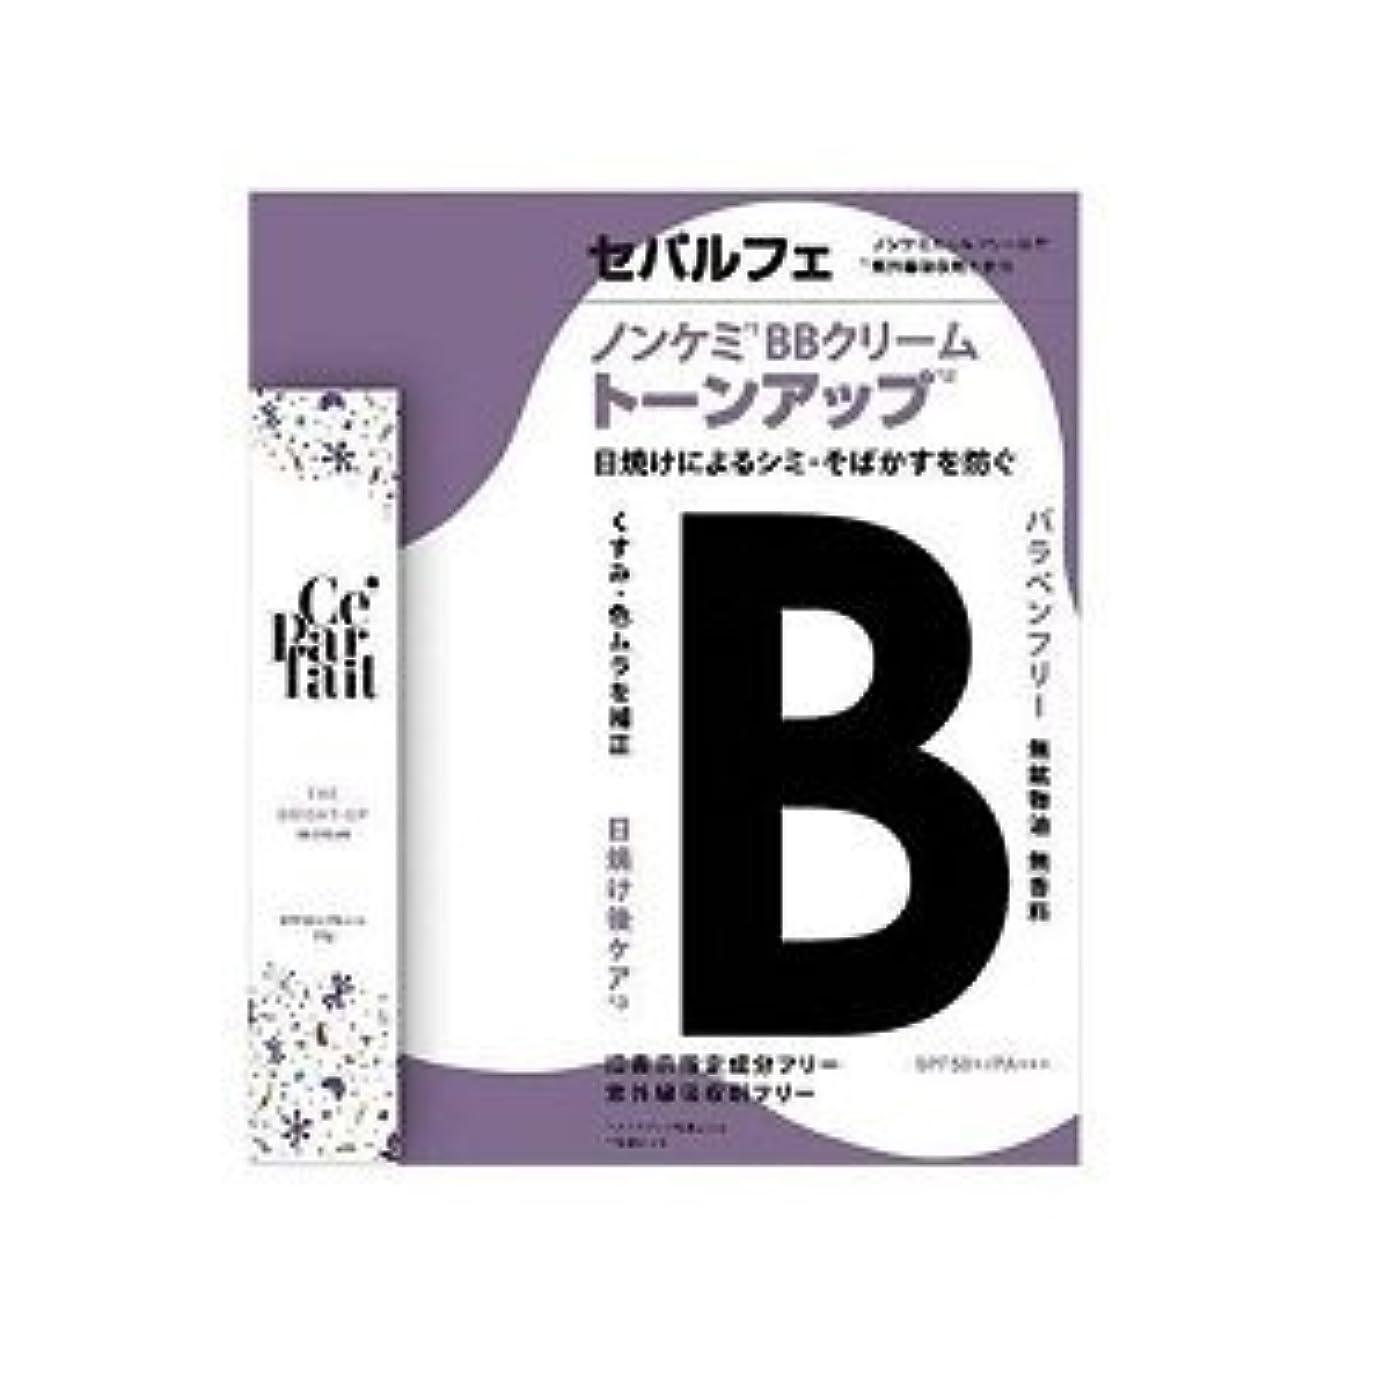 村意志ベースセパルフェ ザ ブライトアップ BBクリーム 20g